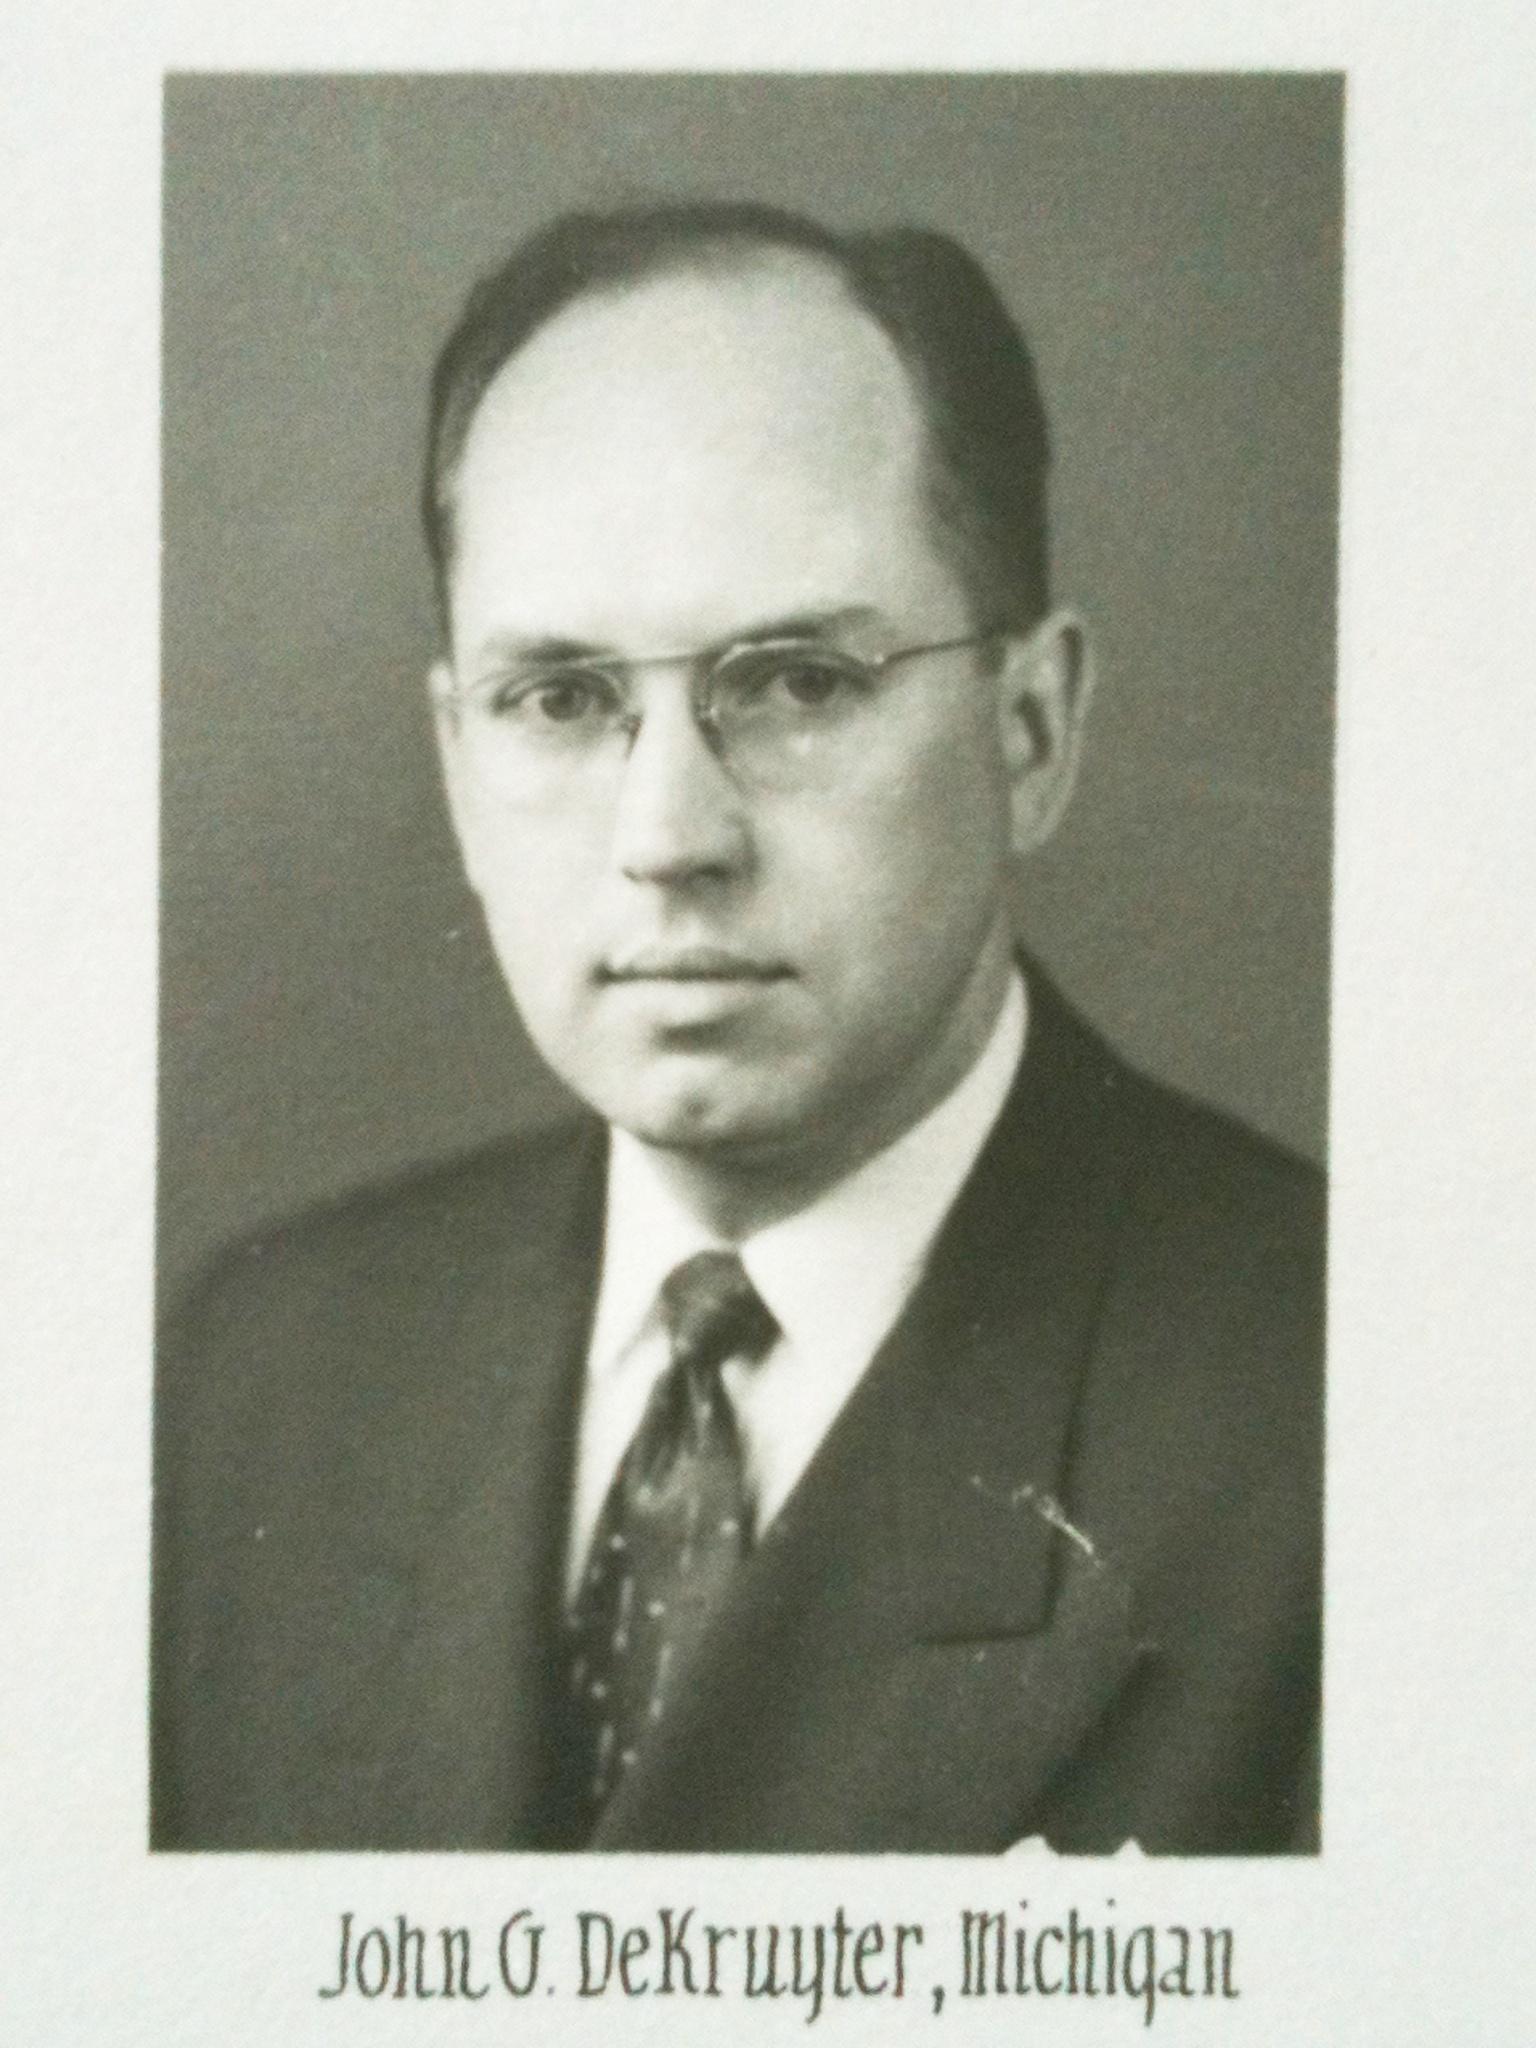 John G. DeKruyter